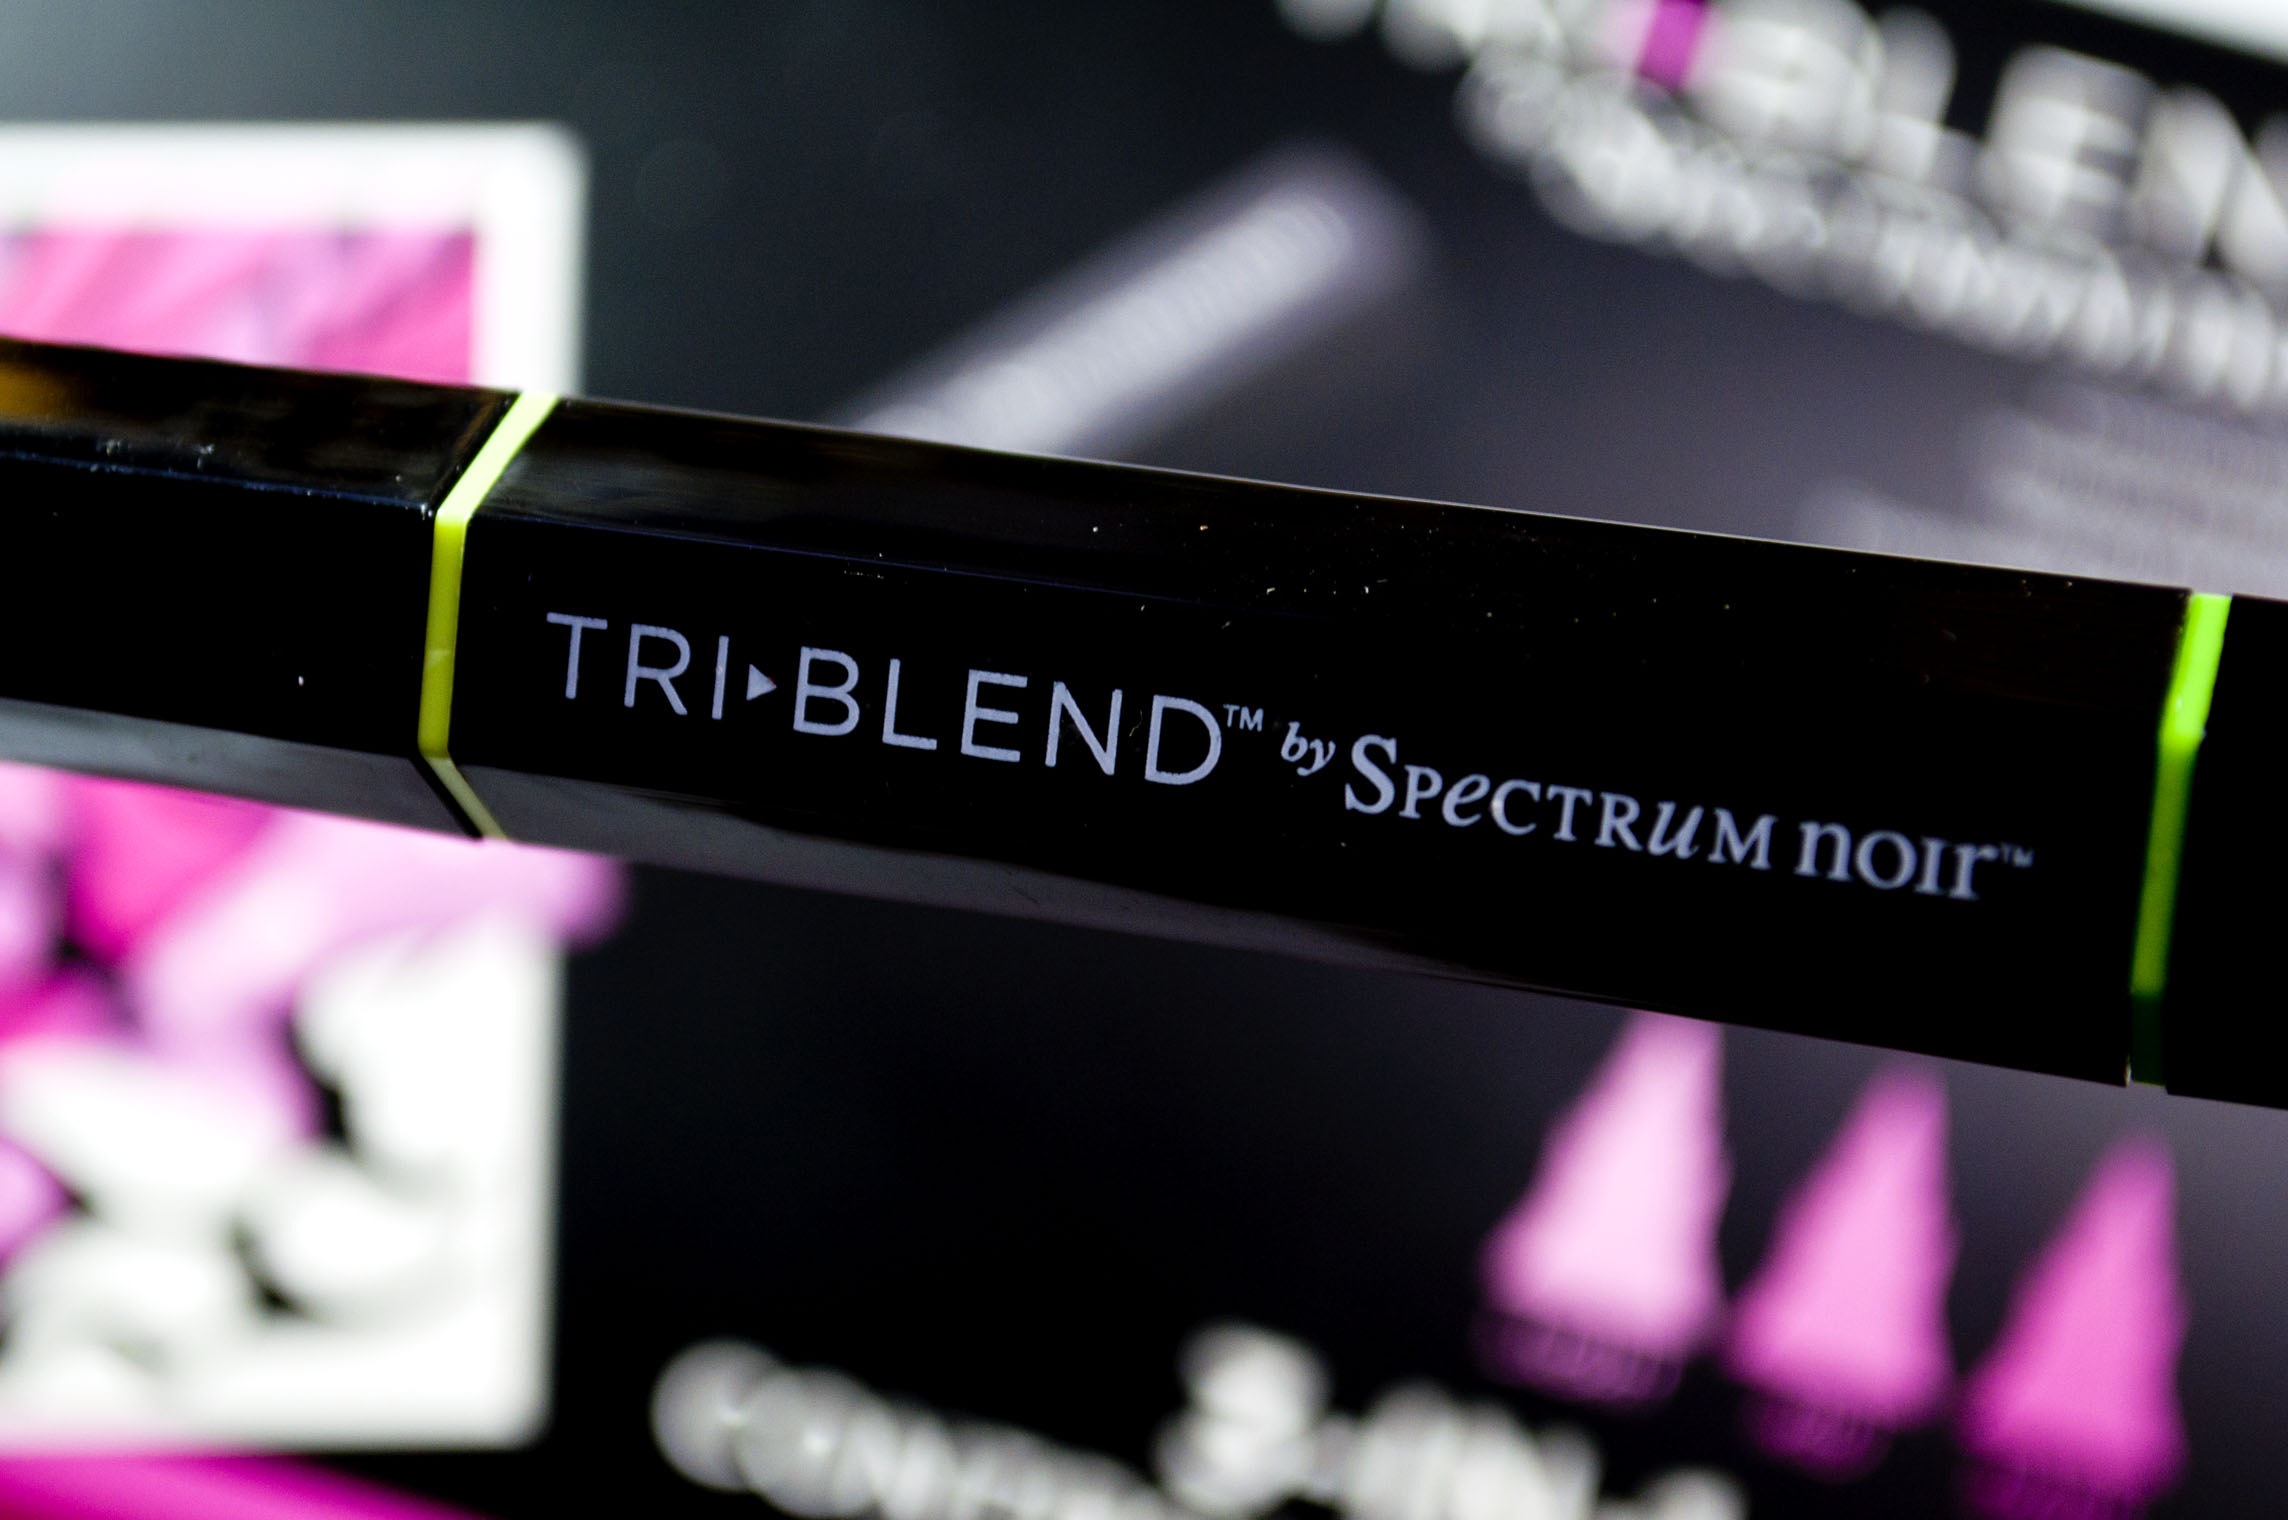 Triblend by Spectrum Noir on Barrel.jpg